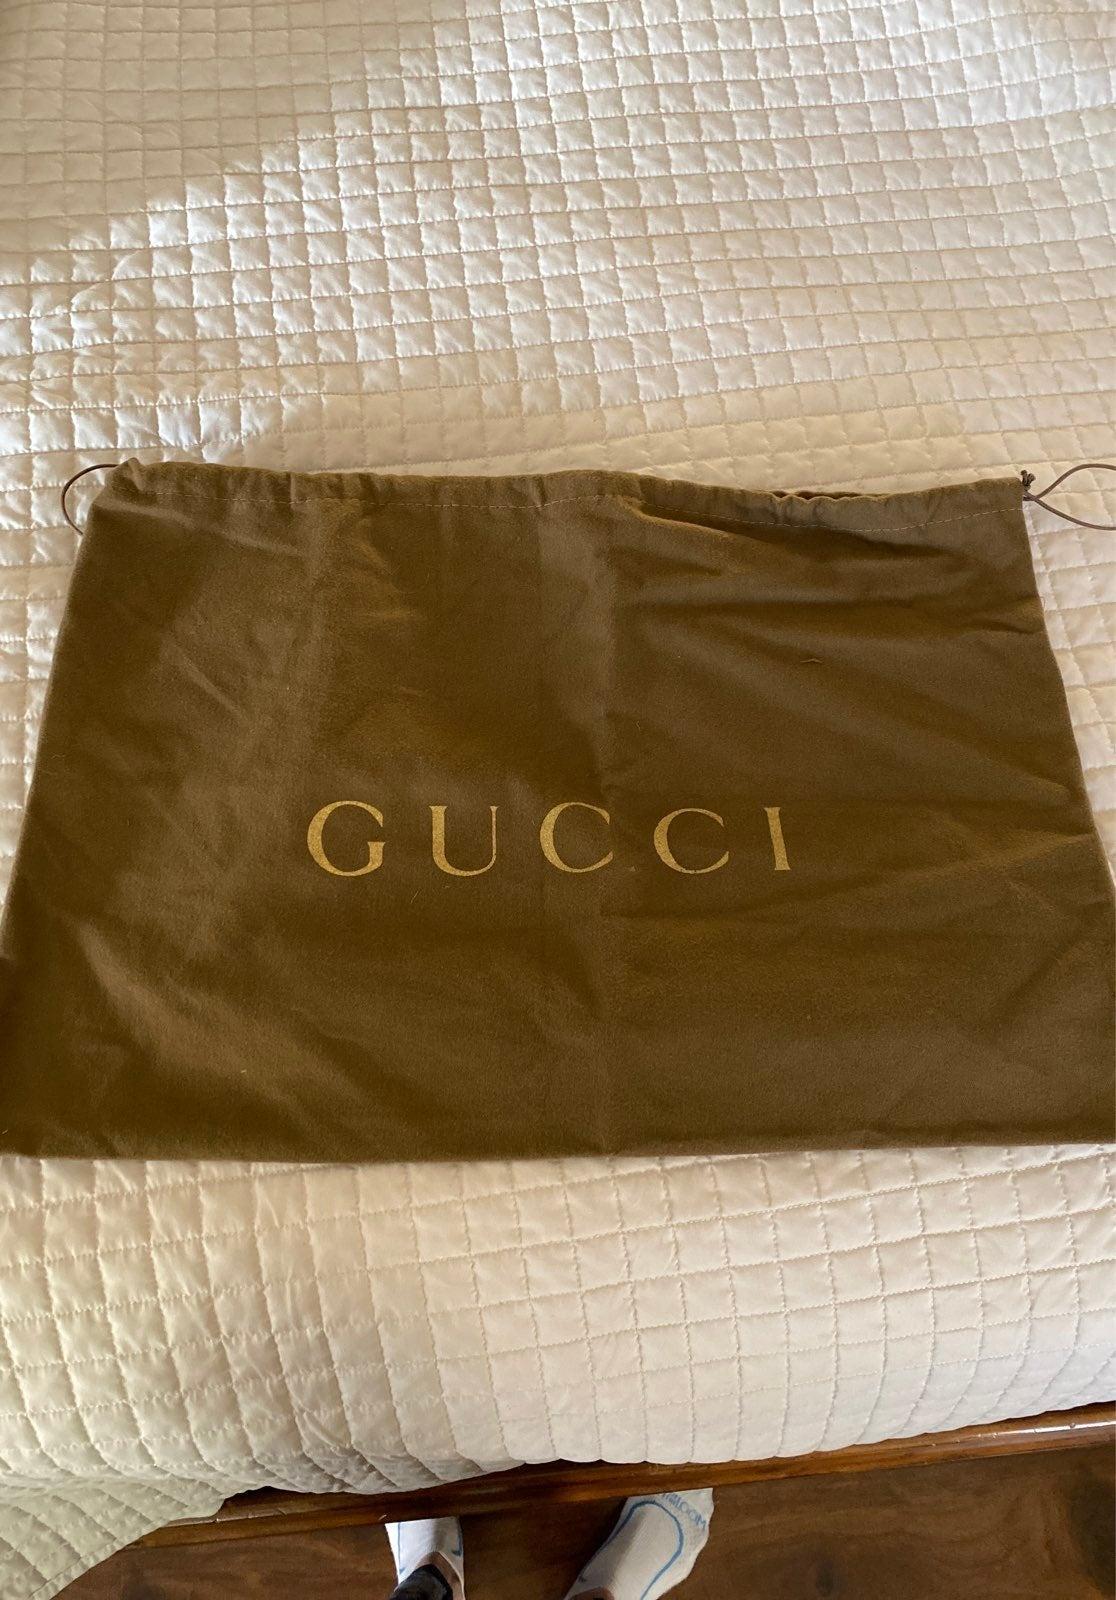 Gucci Dust Bag authentic